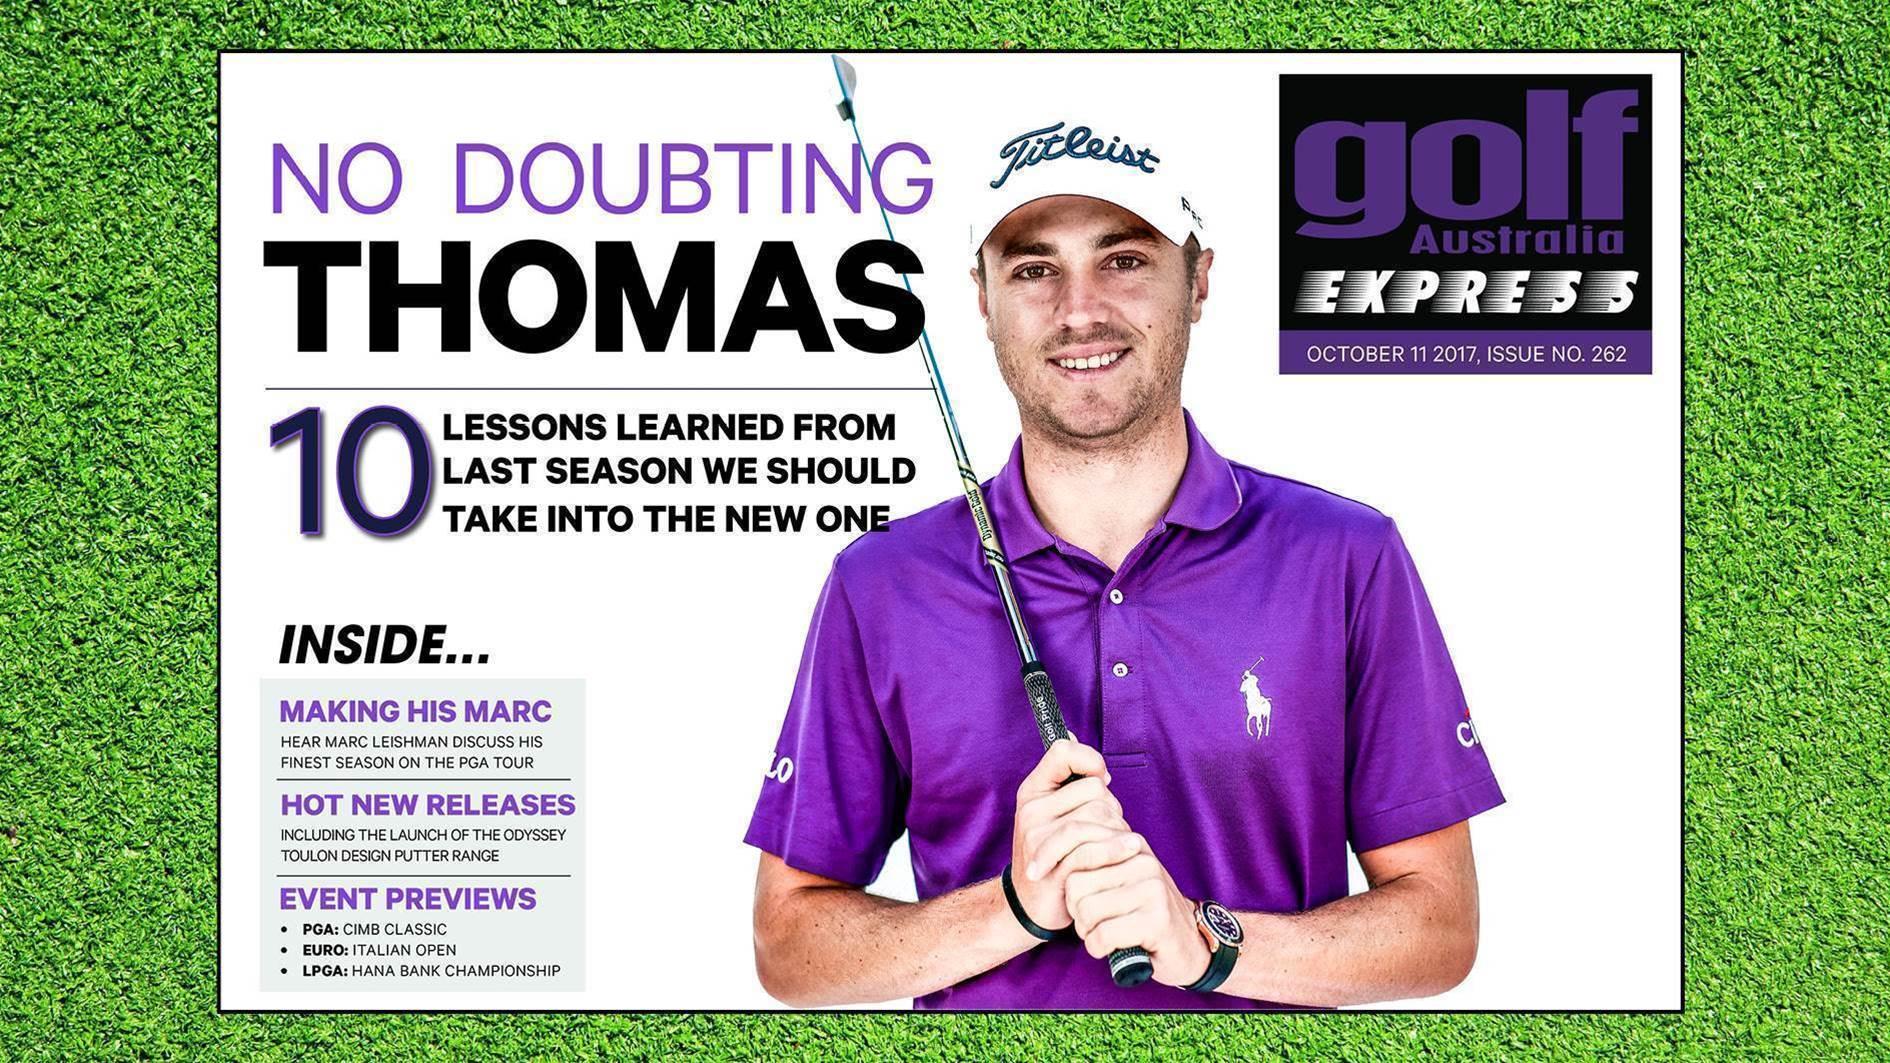 GA Express #262: No doubting Thomas